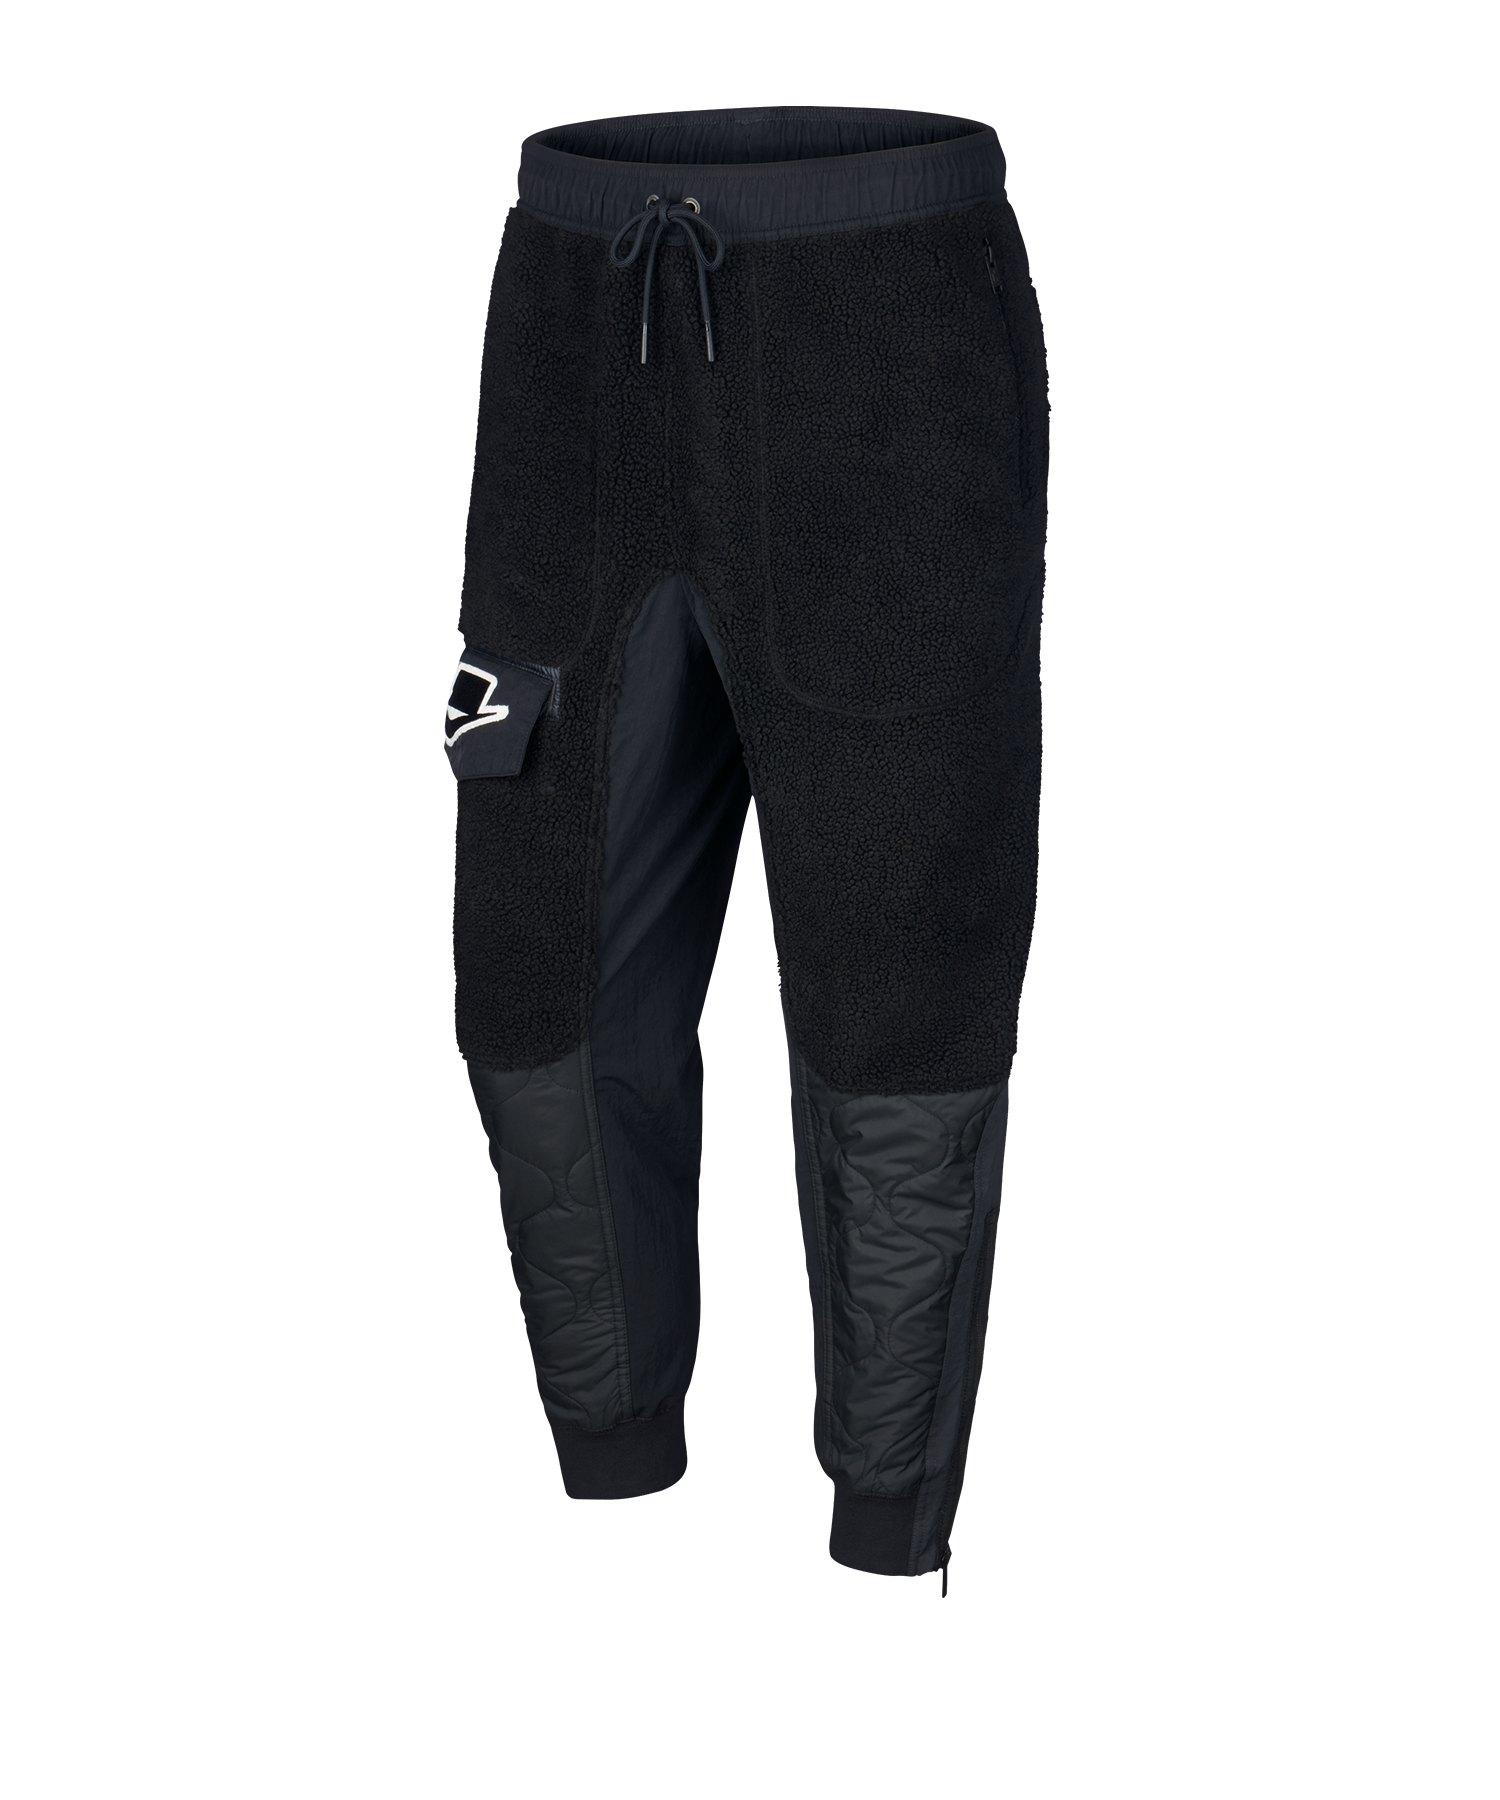 Nike Jogginghose Schwarz F010 - schwarz